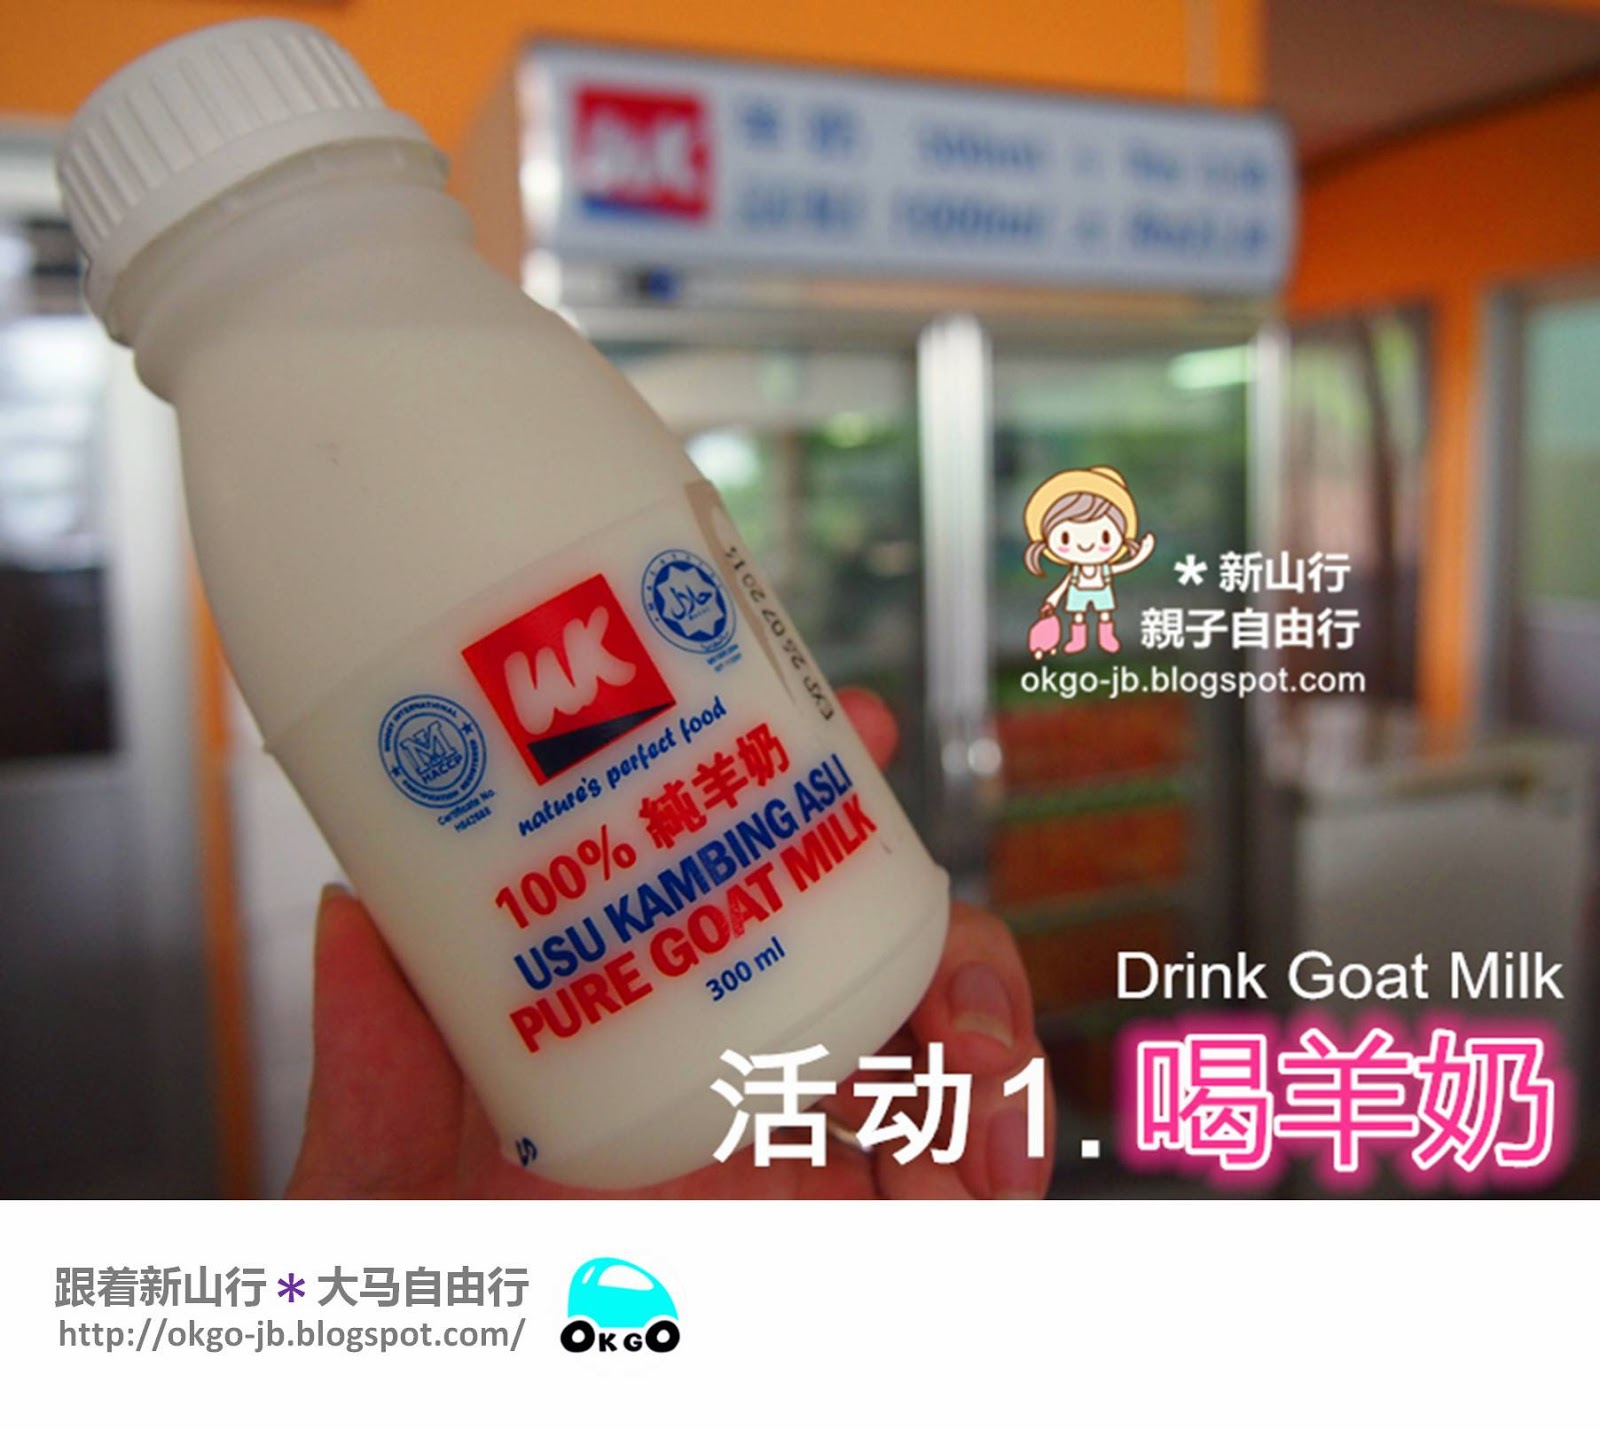 Kluang UK Farm goat milk bottle